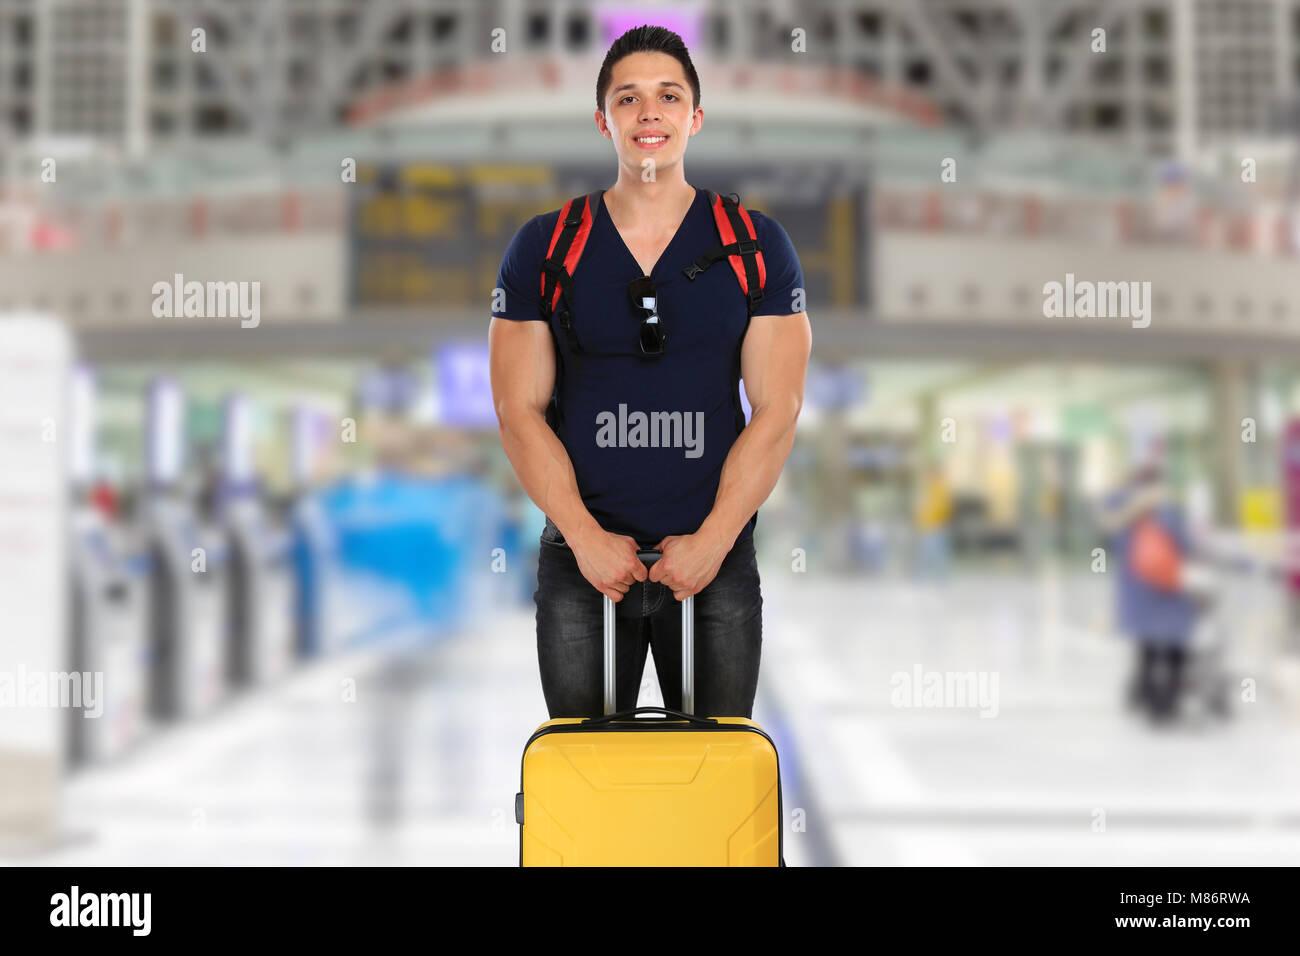 Locations de vacances jeune homme avec une assurance voyage de l'aéroport de voyage Photo Stock